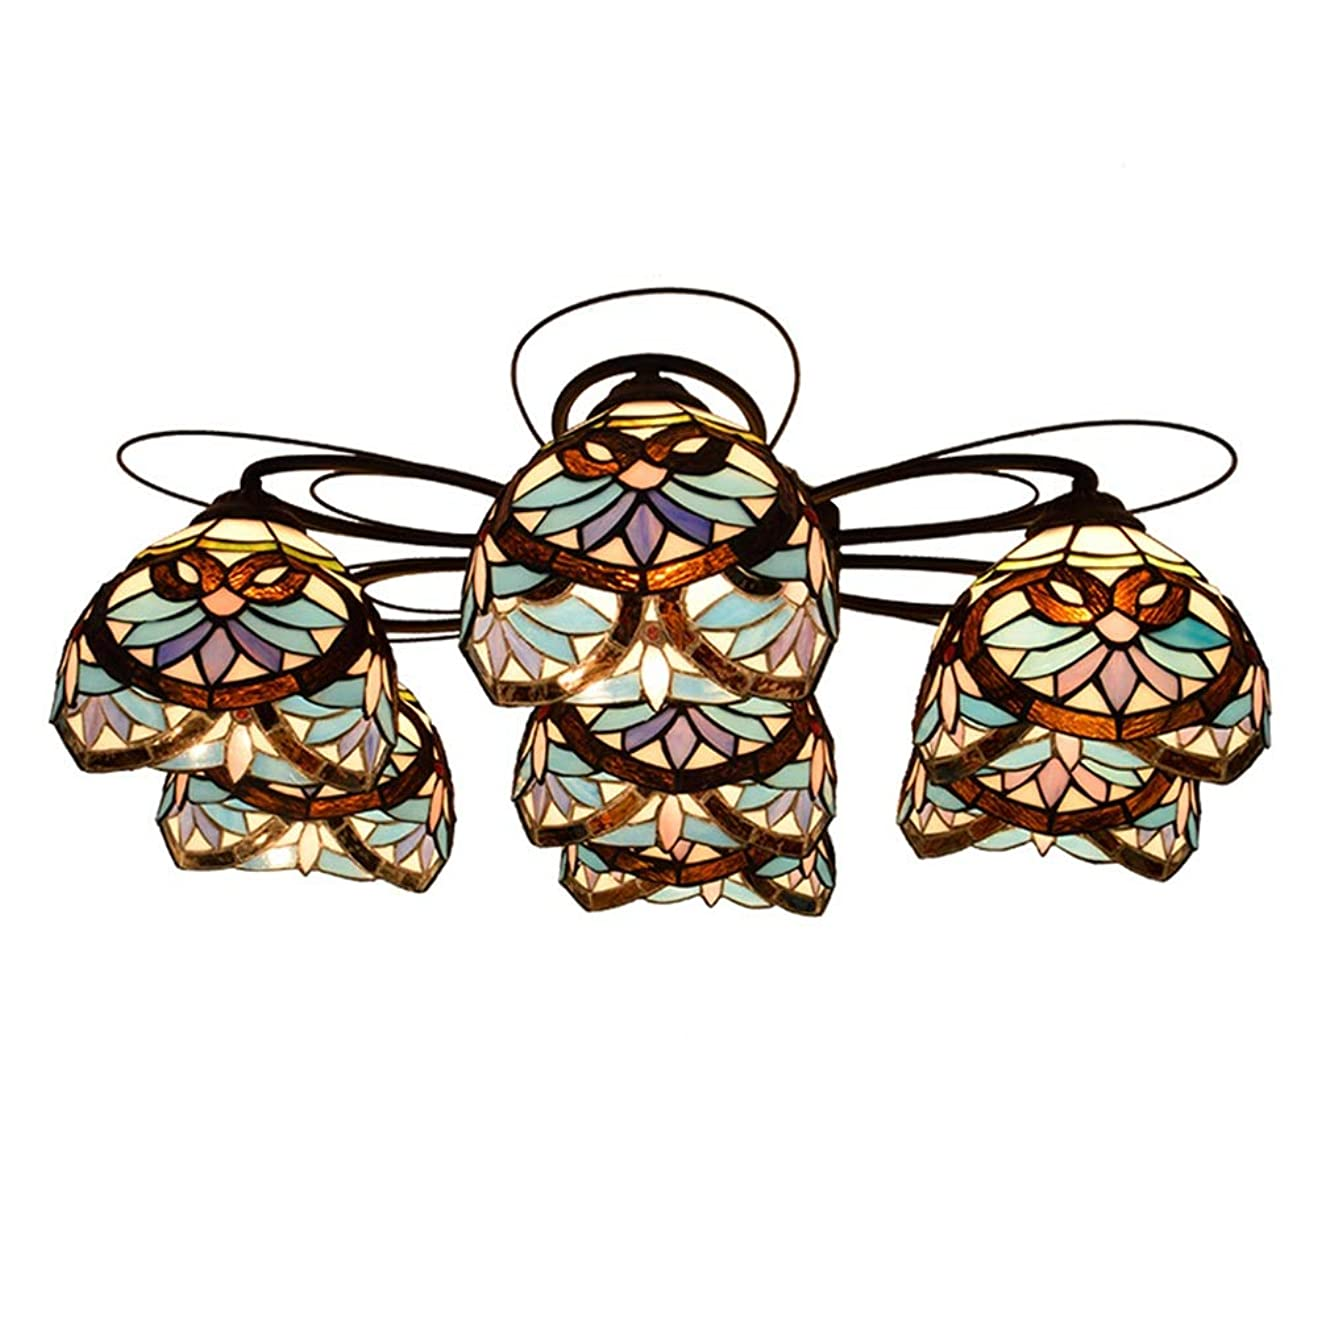 矛盾リッチだますHTYJY ティファニー7マルチヘッド天井のランプブルーバロックランプガラスリビングルームダイニングルームベッドルームリビングルーム Tiffany style